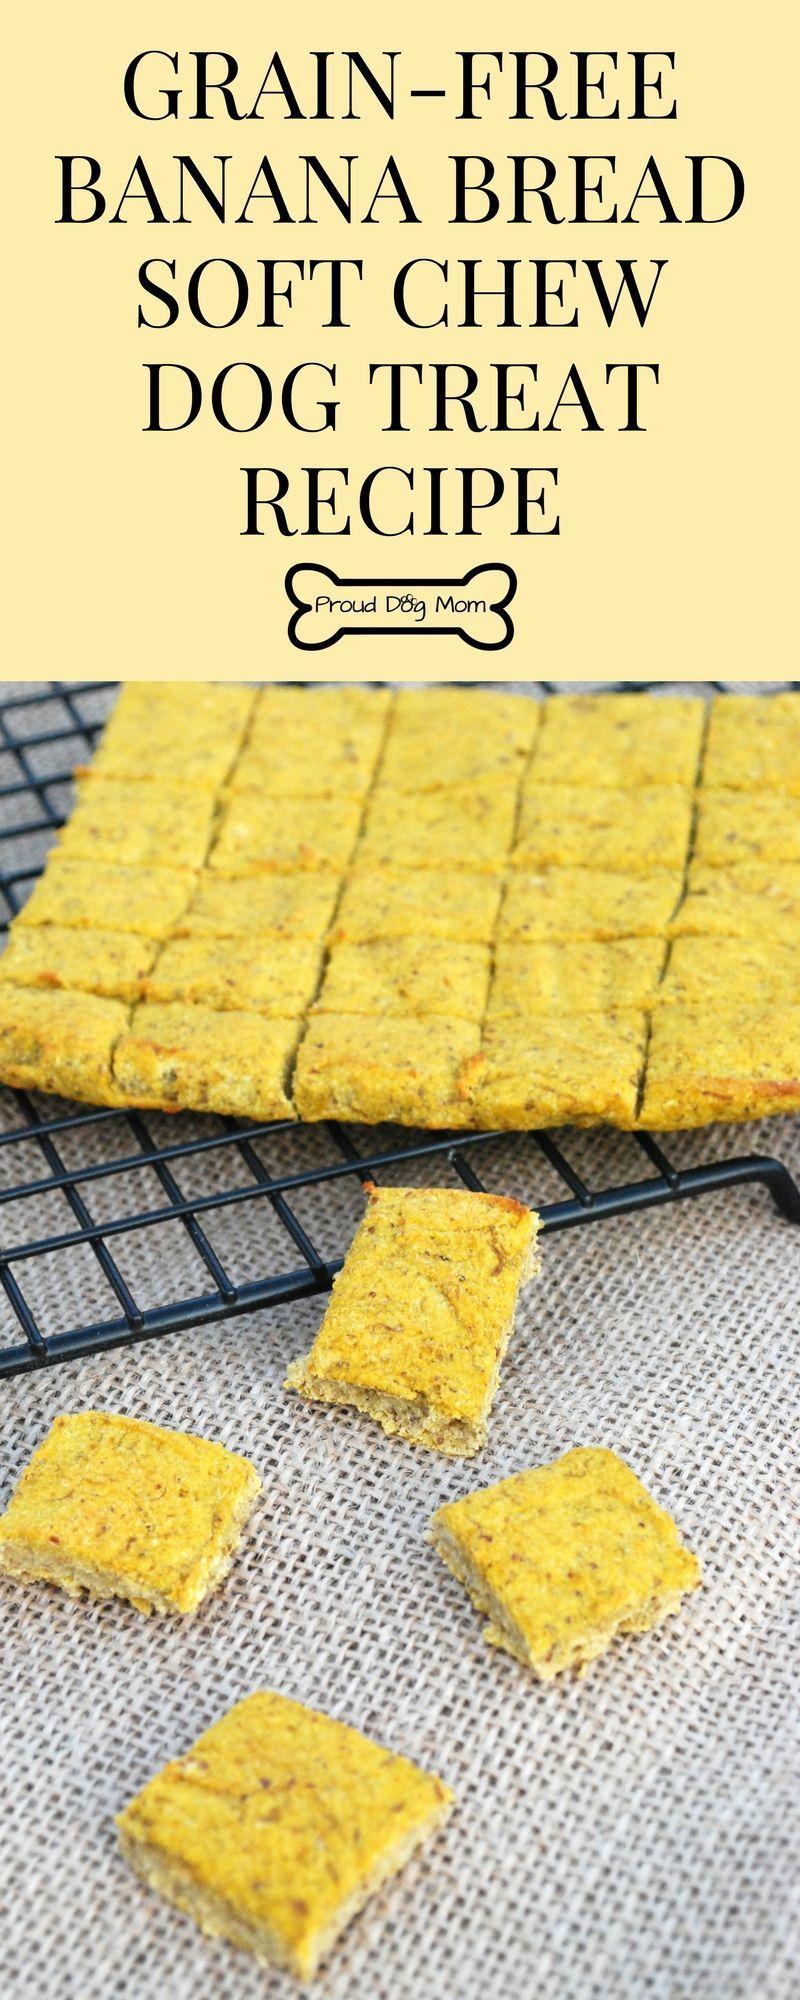 Banana Bread Soft Chew Dog Treat Recipe Dog Treats Grain Free